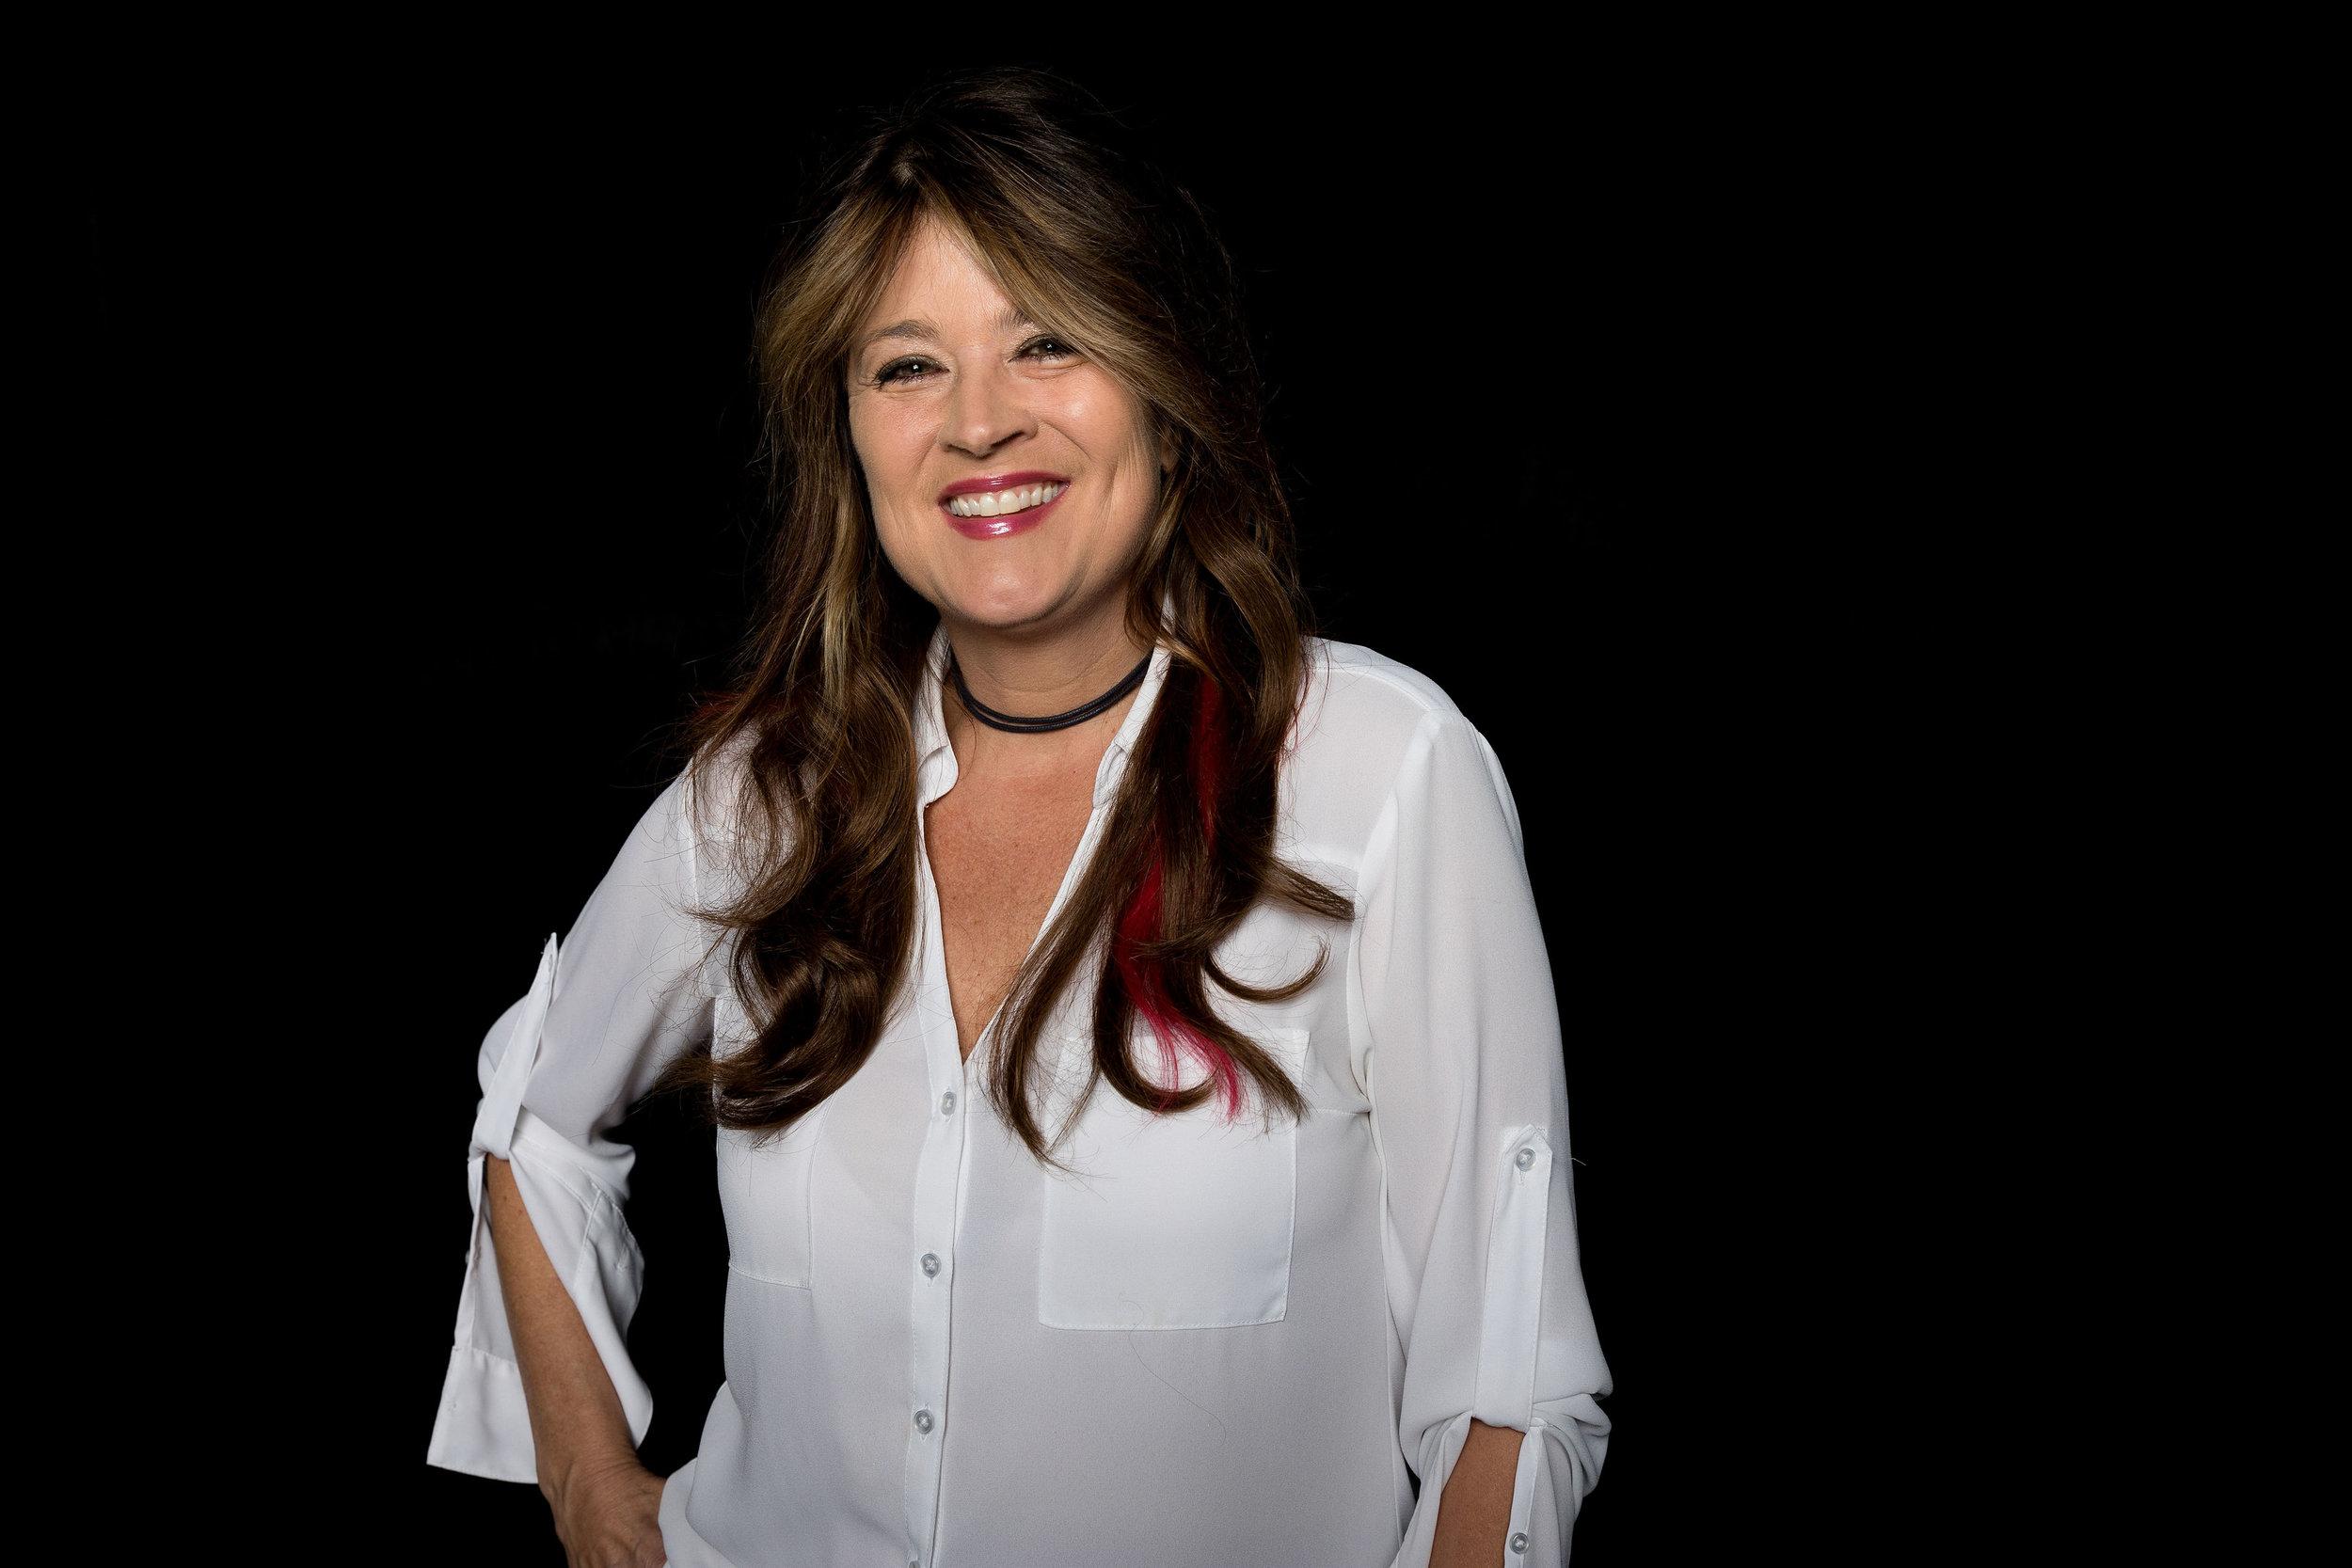 Victoria Venier - Executive Vice President